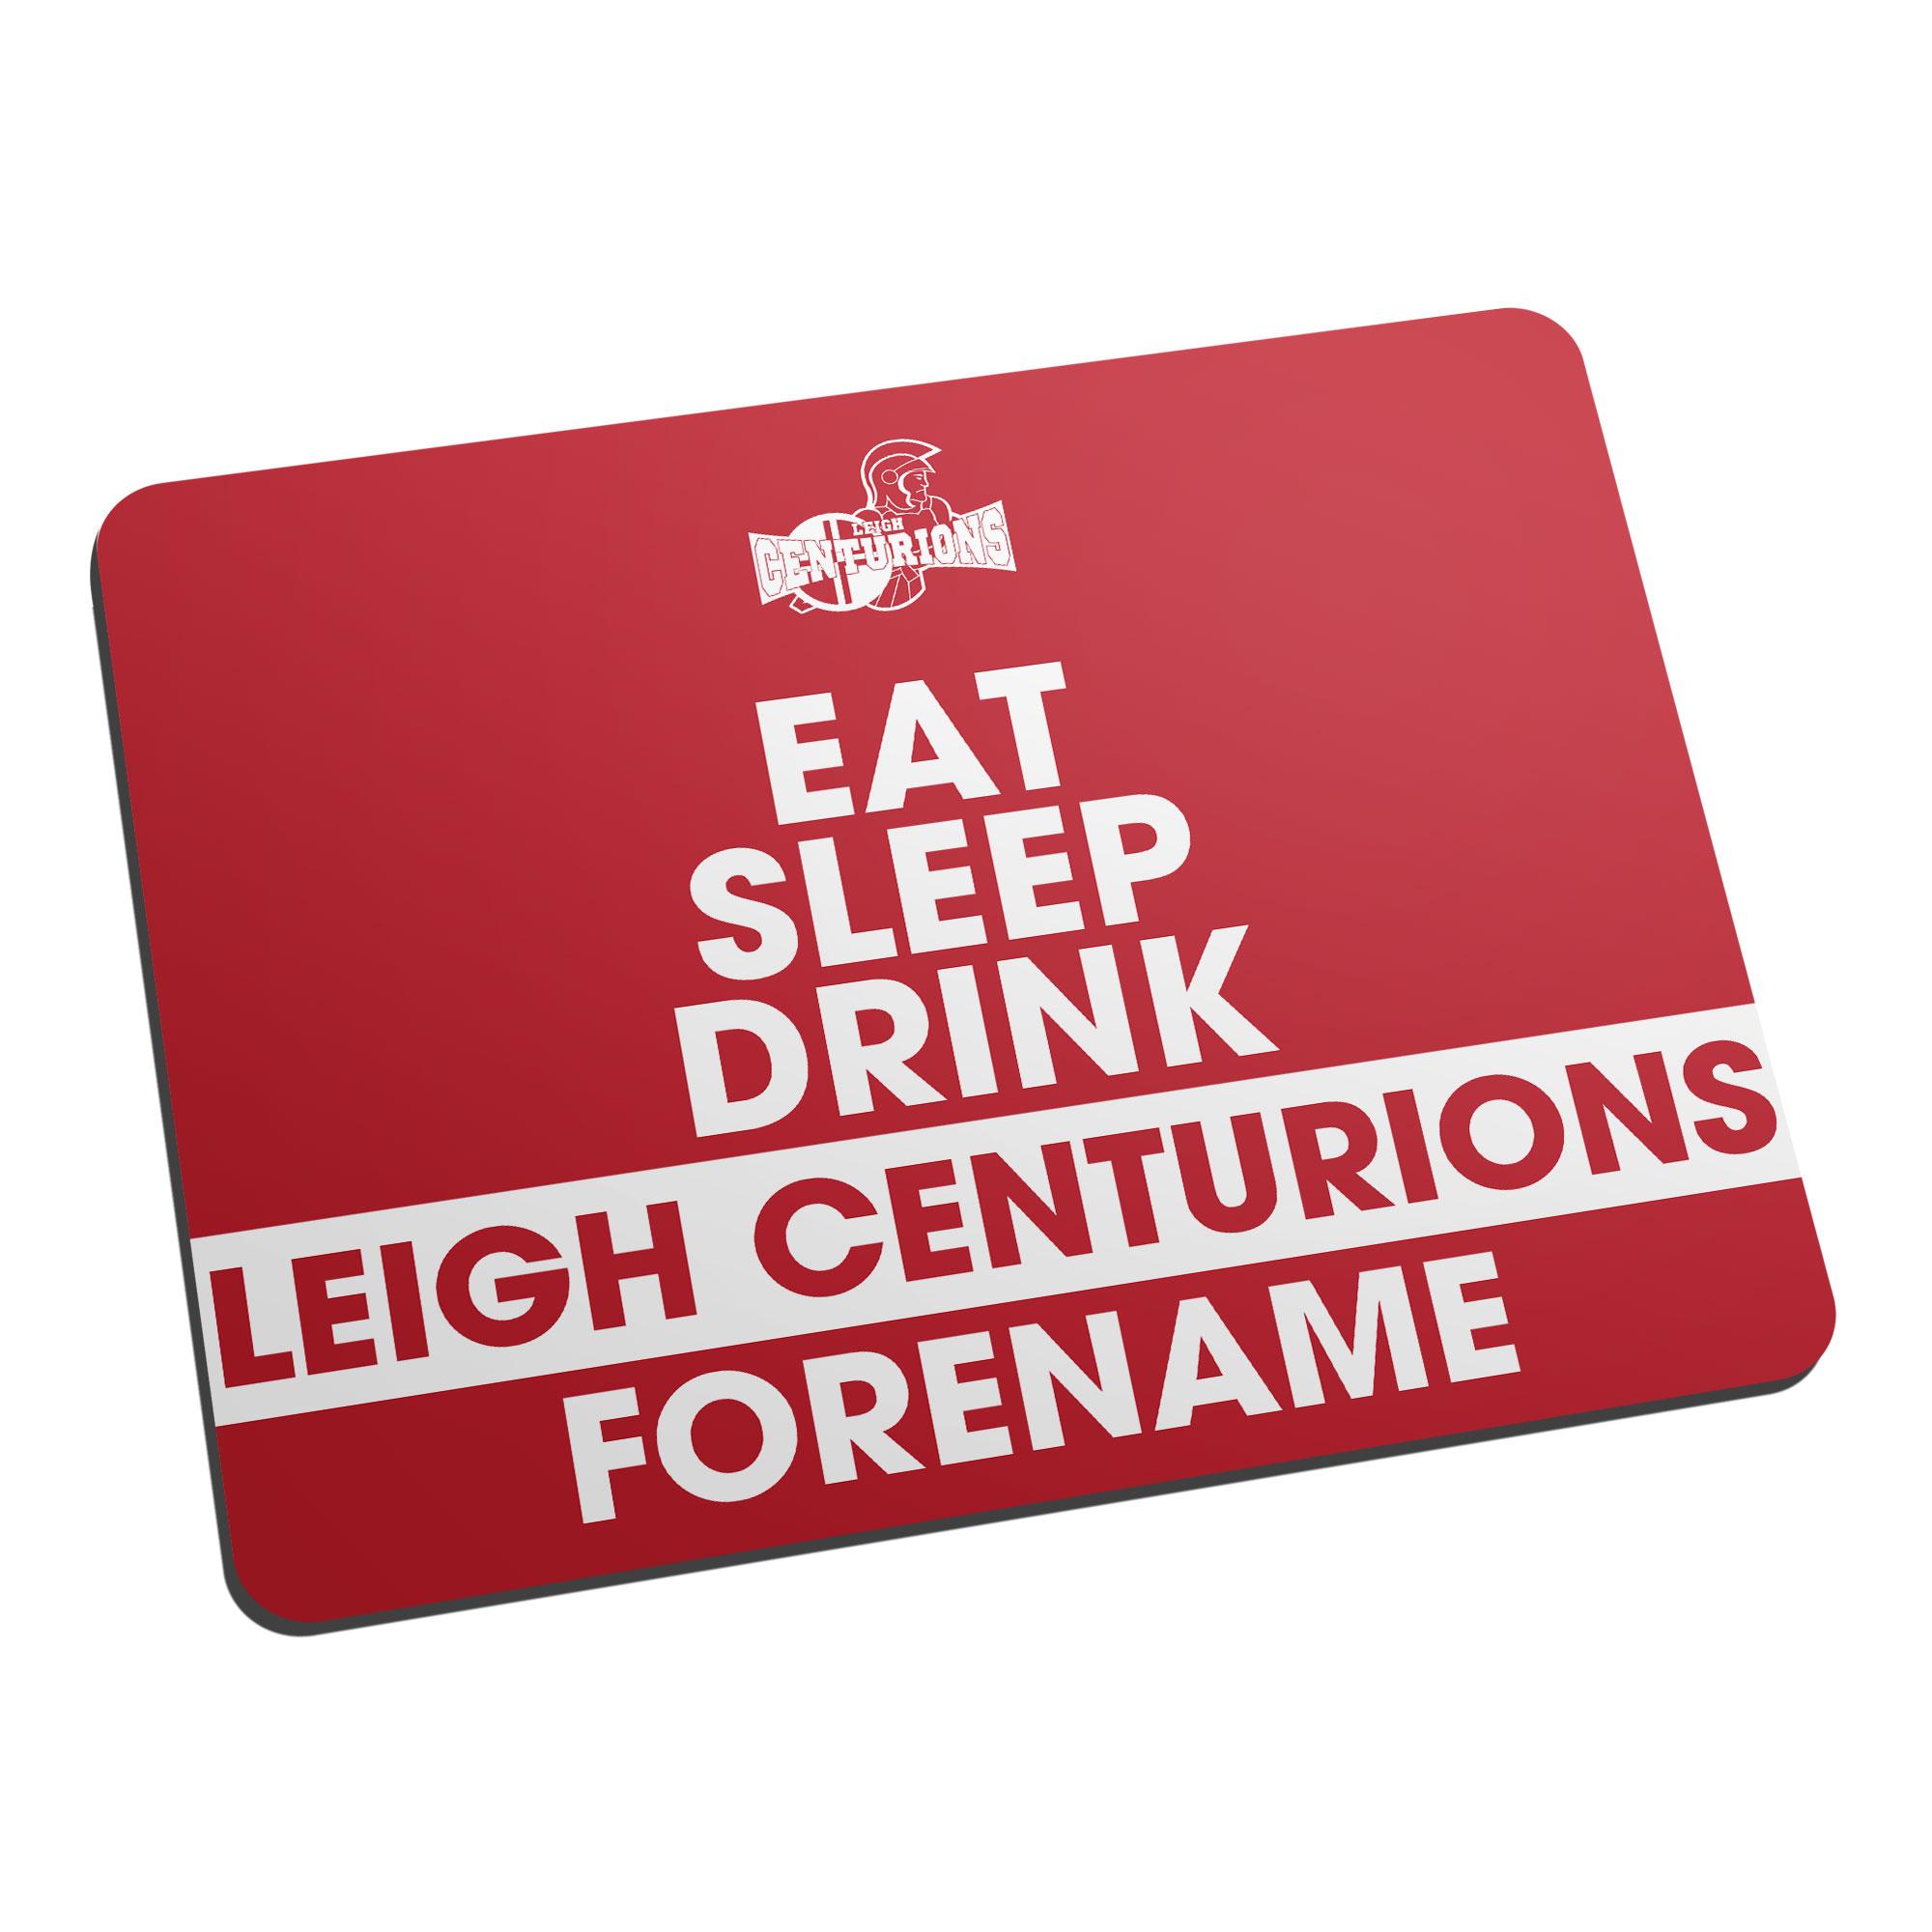 Leigh Centurions Eat Sleep Drink Mouse Mat